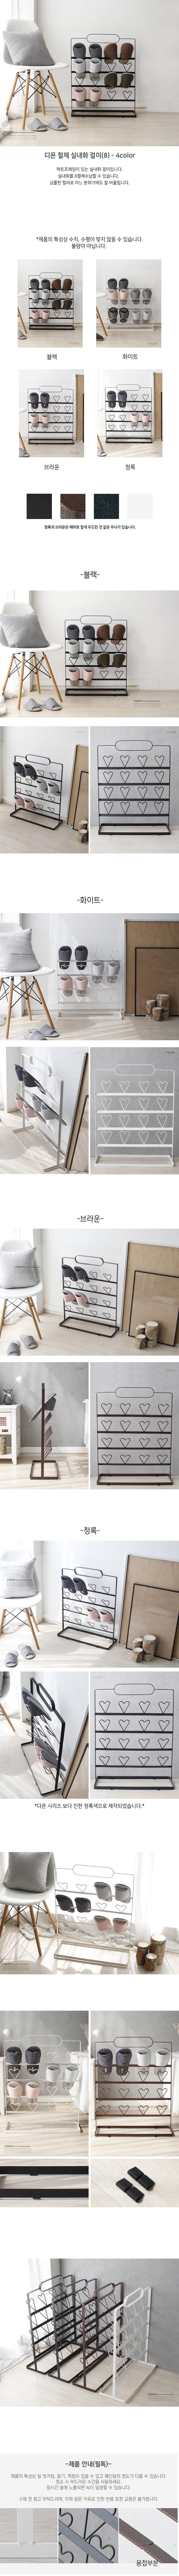 디몬 철제 실내화 걸이(8) - 4color - 체리하우스, 50,000원, 수납/선반장, 신발정리대/신발장